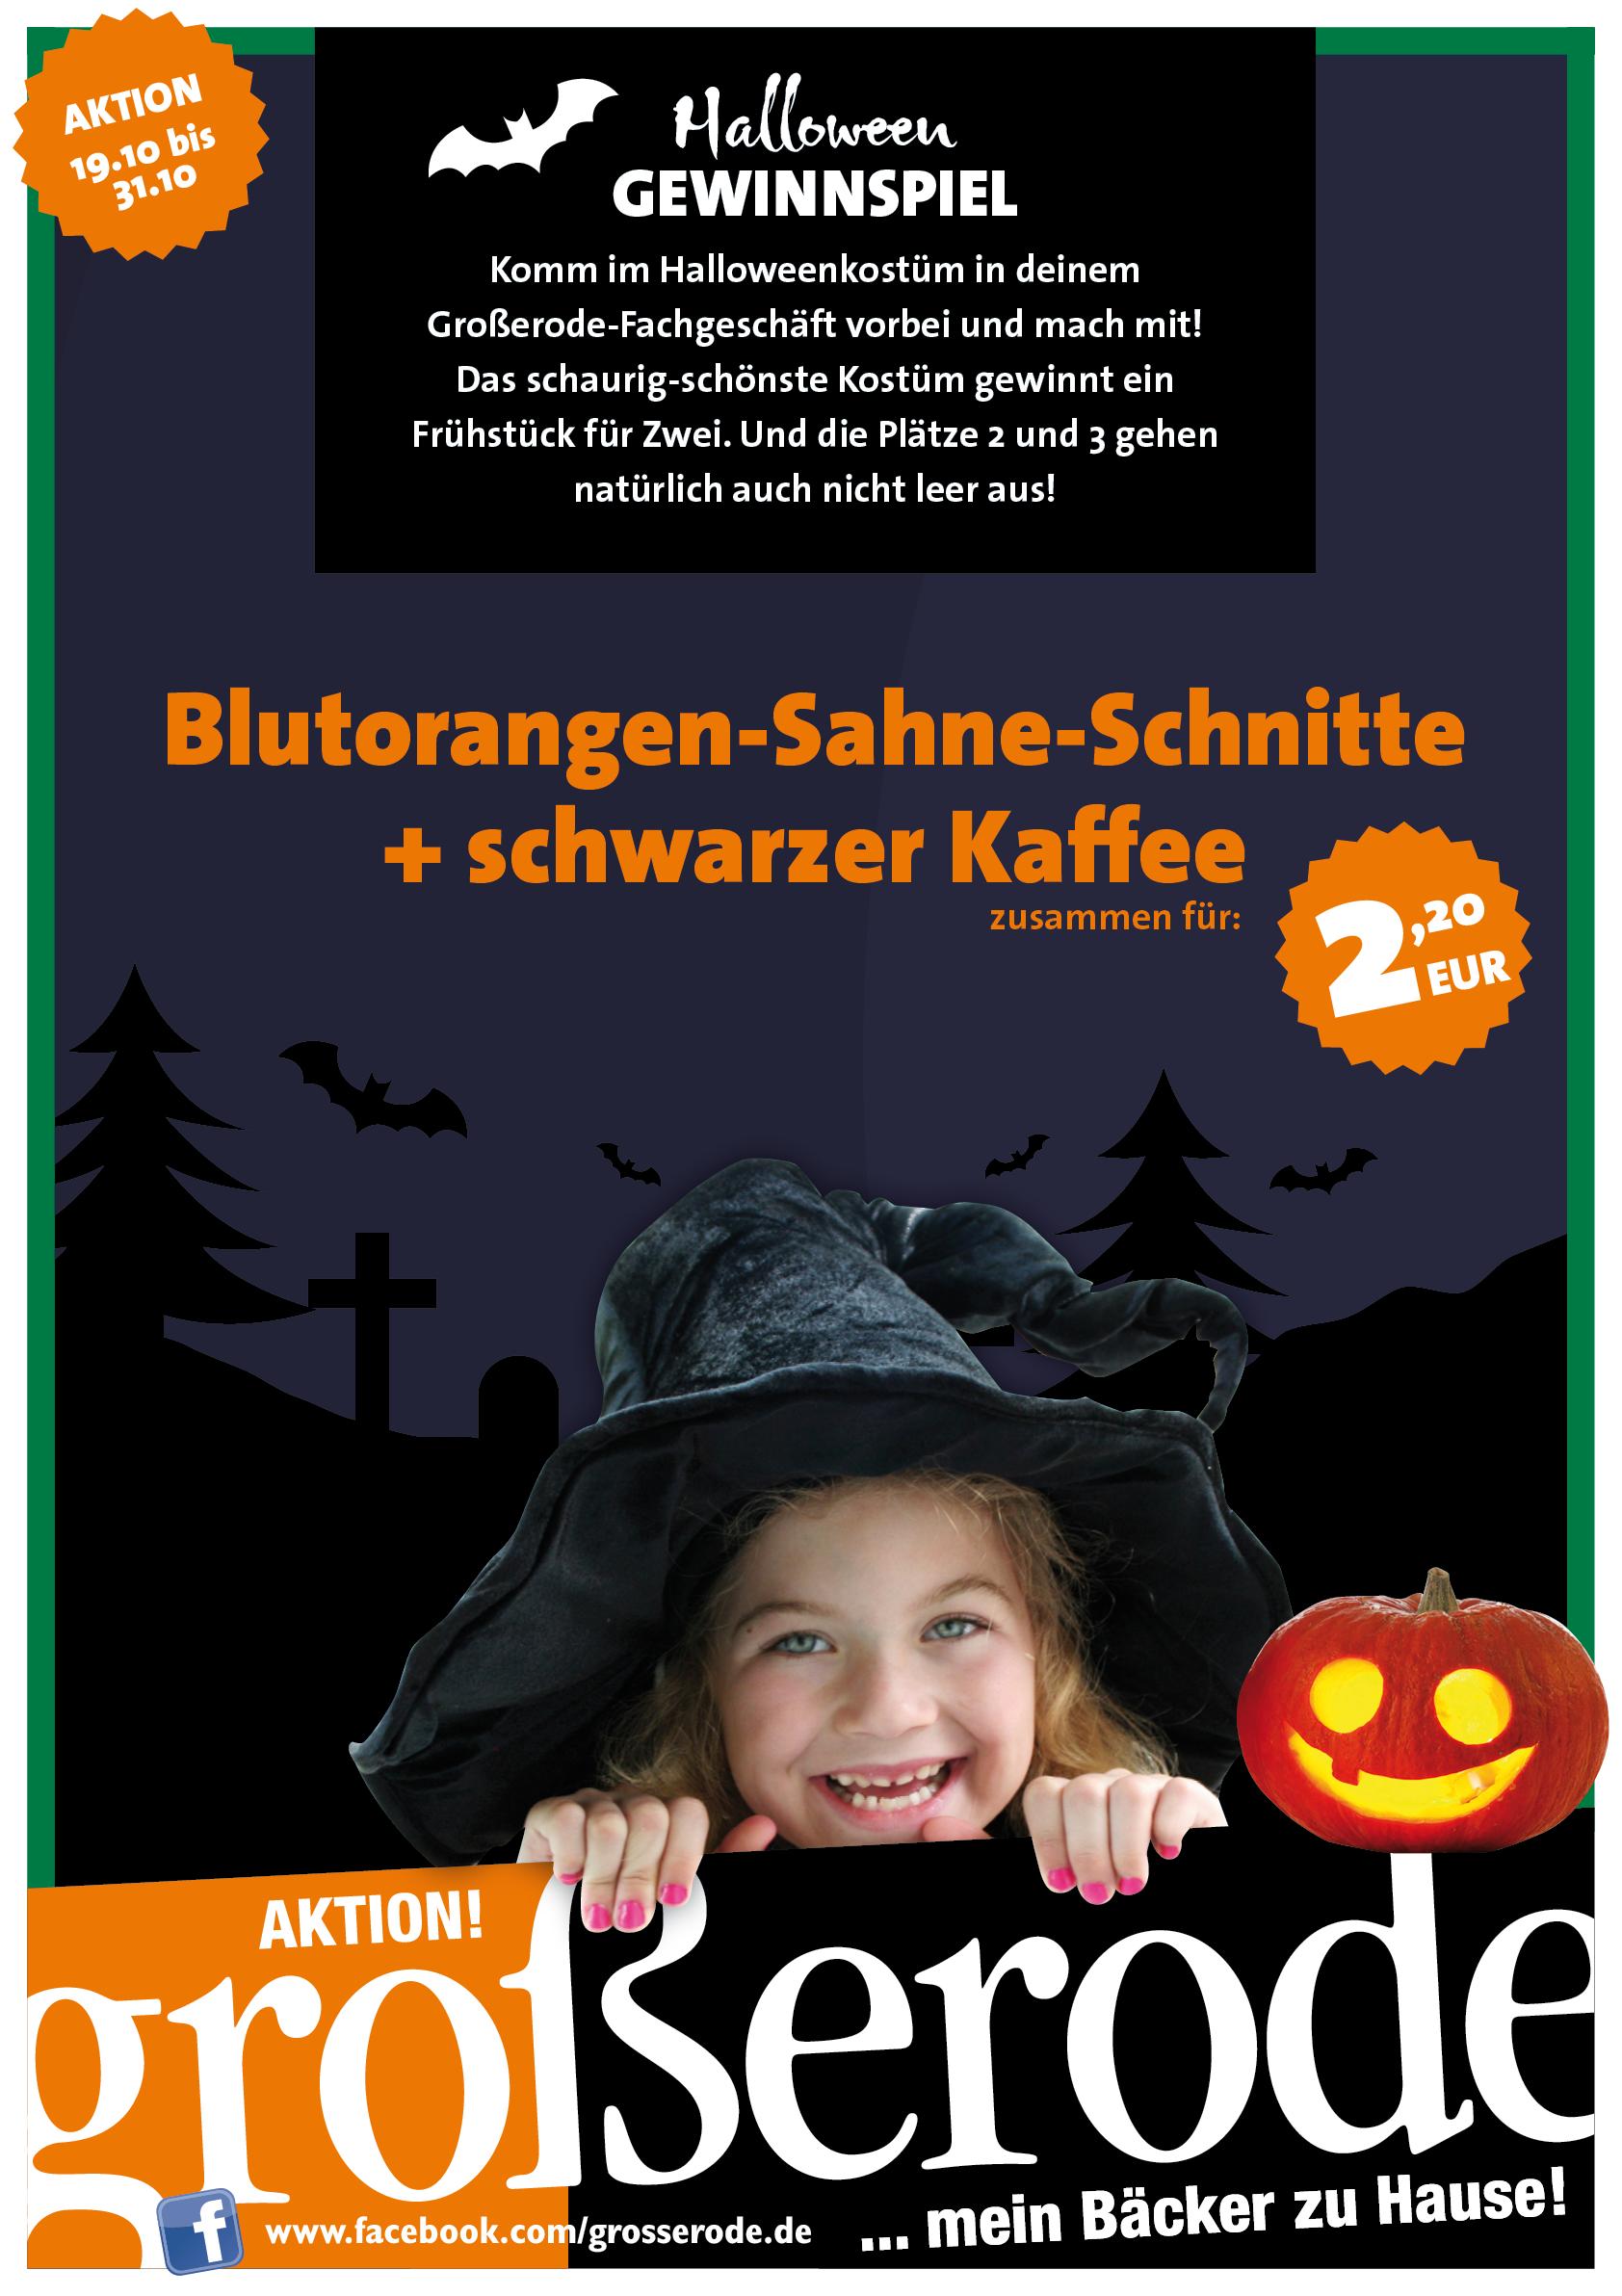 20150922_Grosserode_Halloween_Web.png